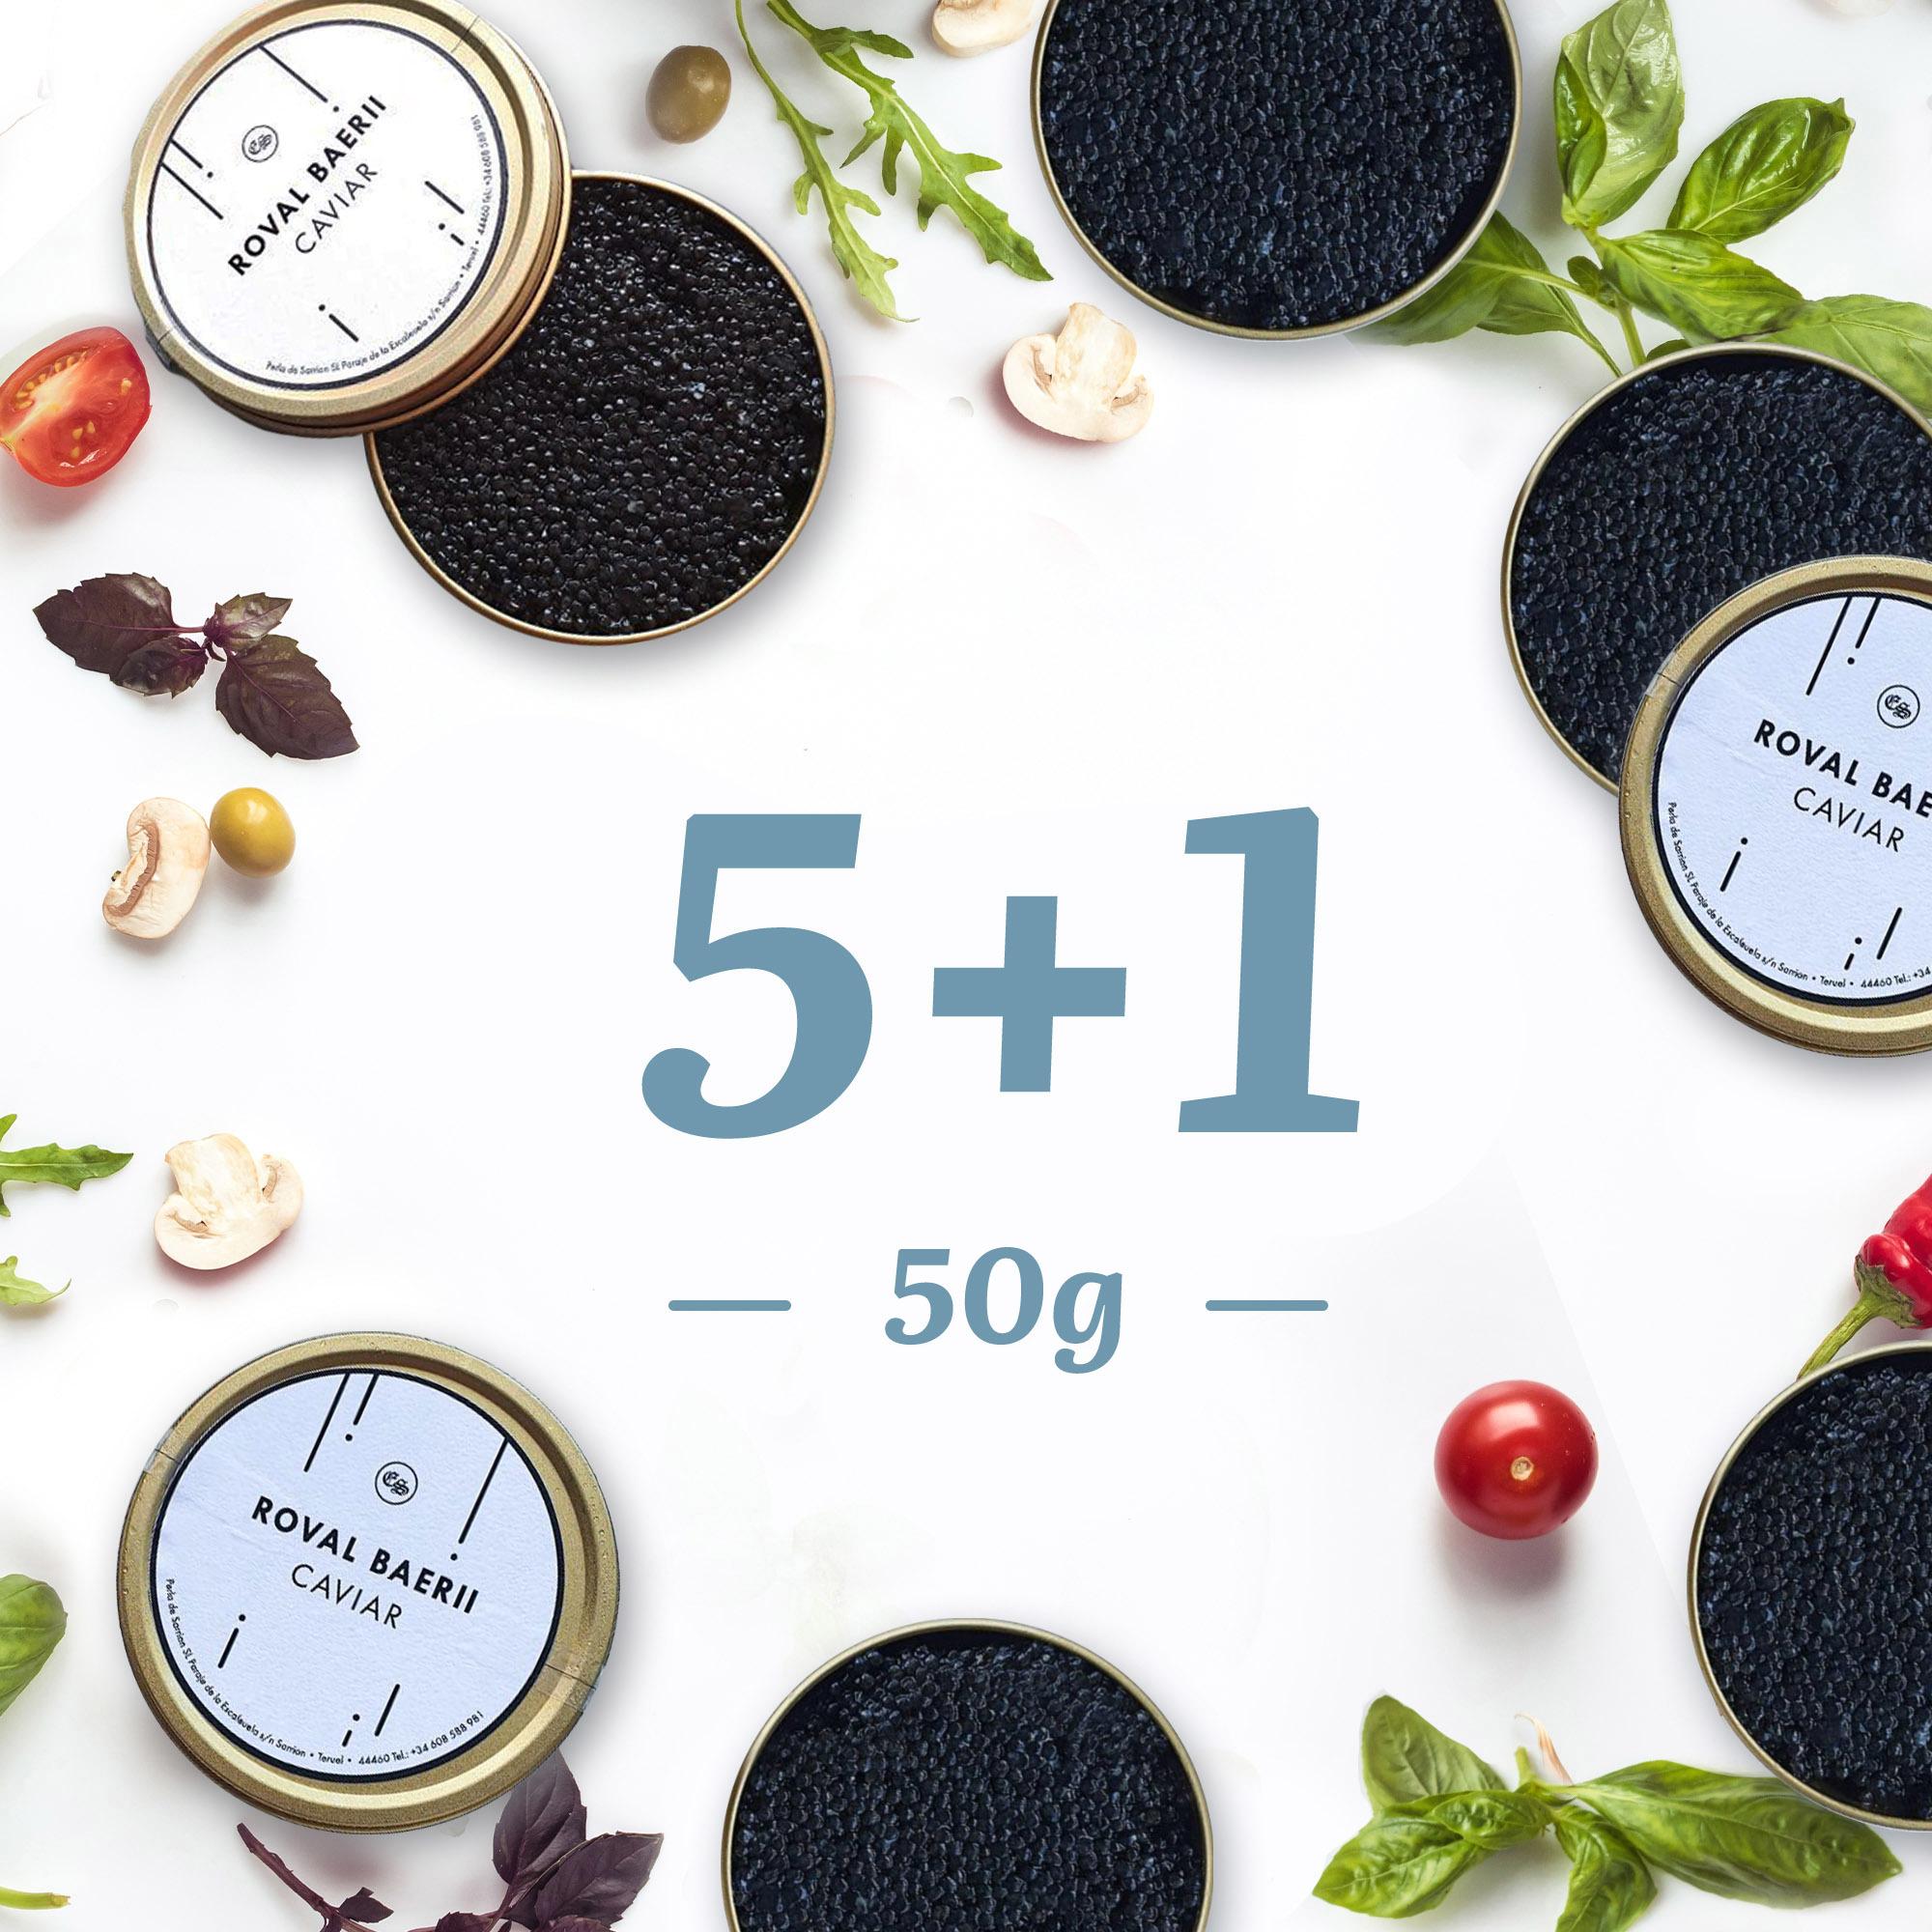 Set 5+1 (50g)